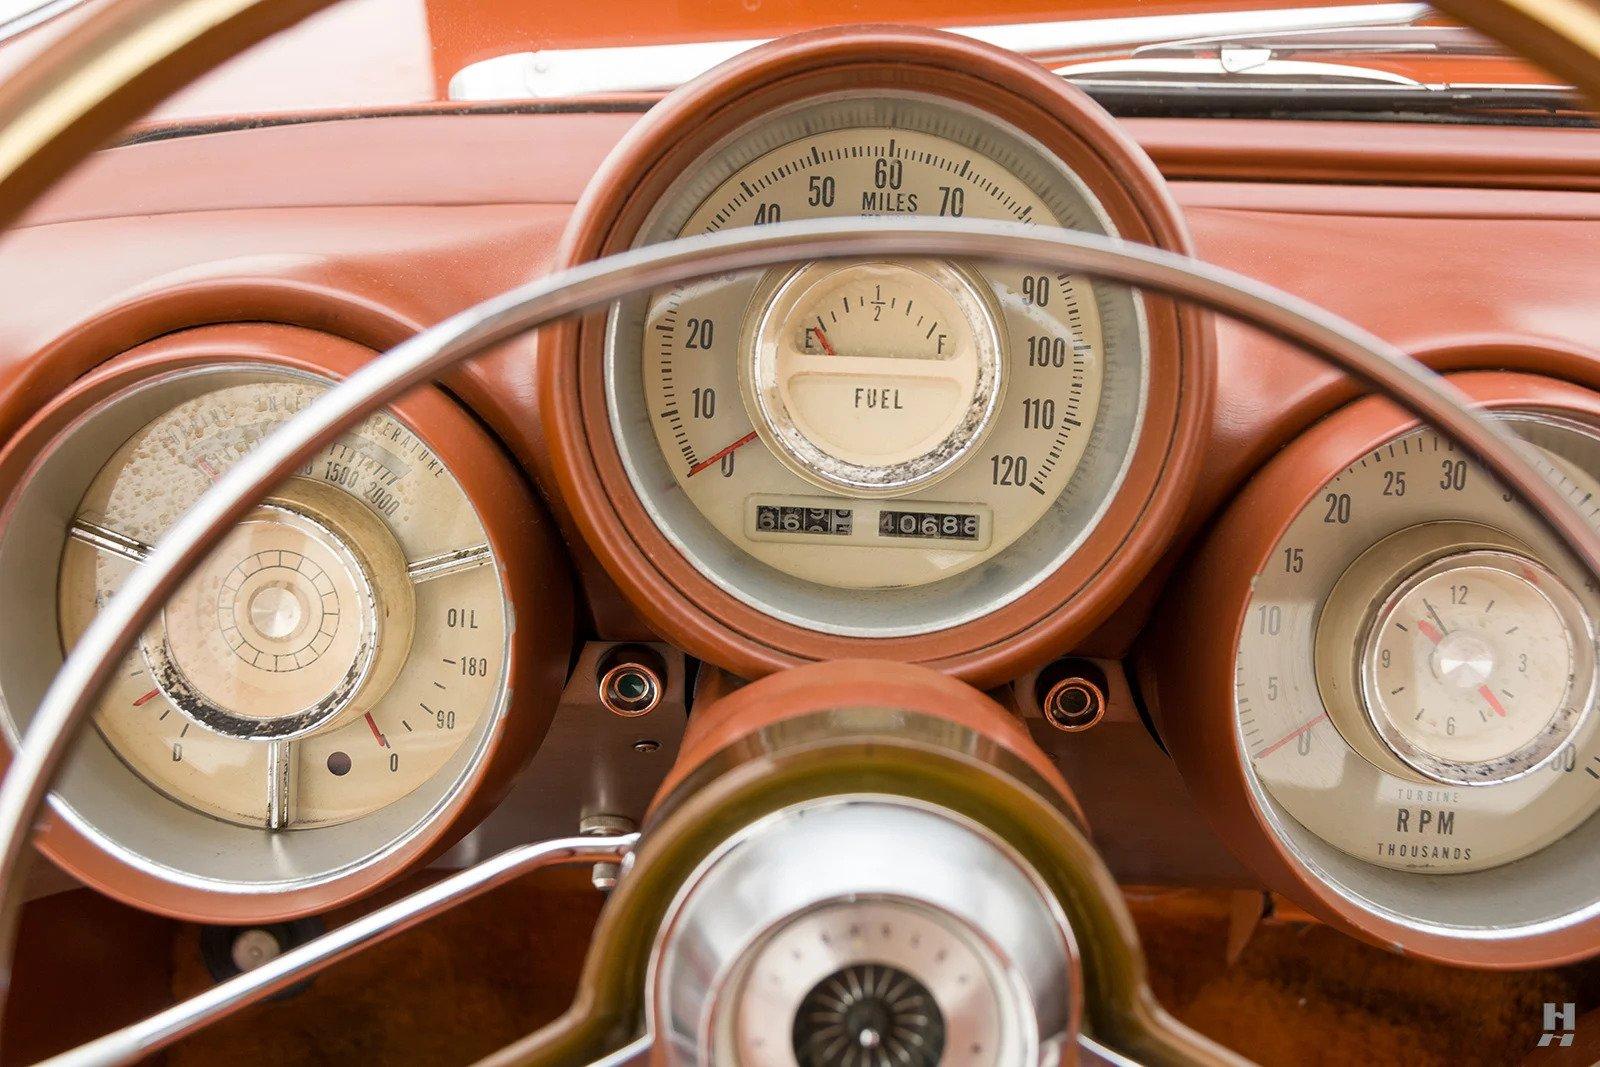 1963 Chrysler Turbine Car interior gauges